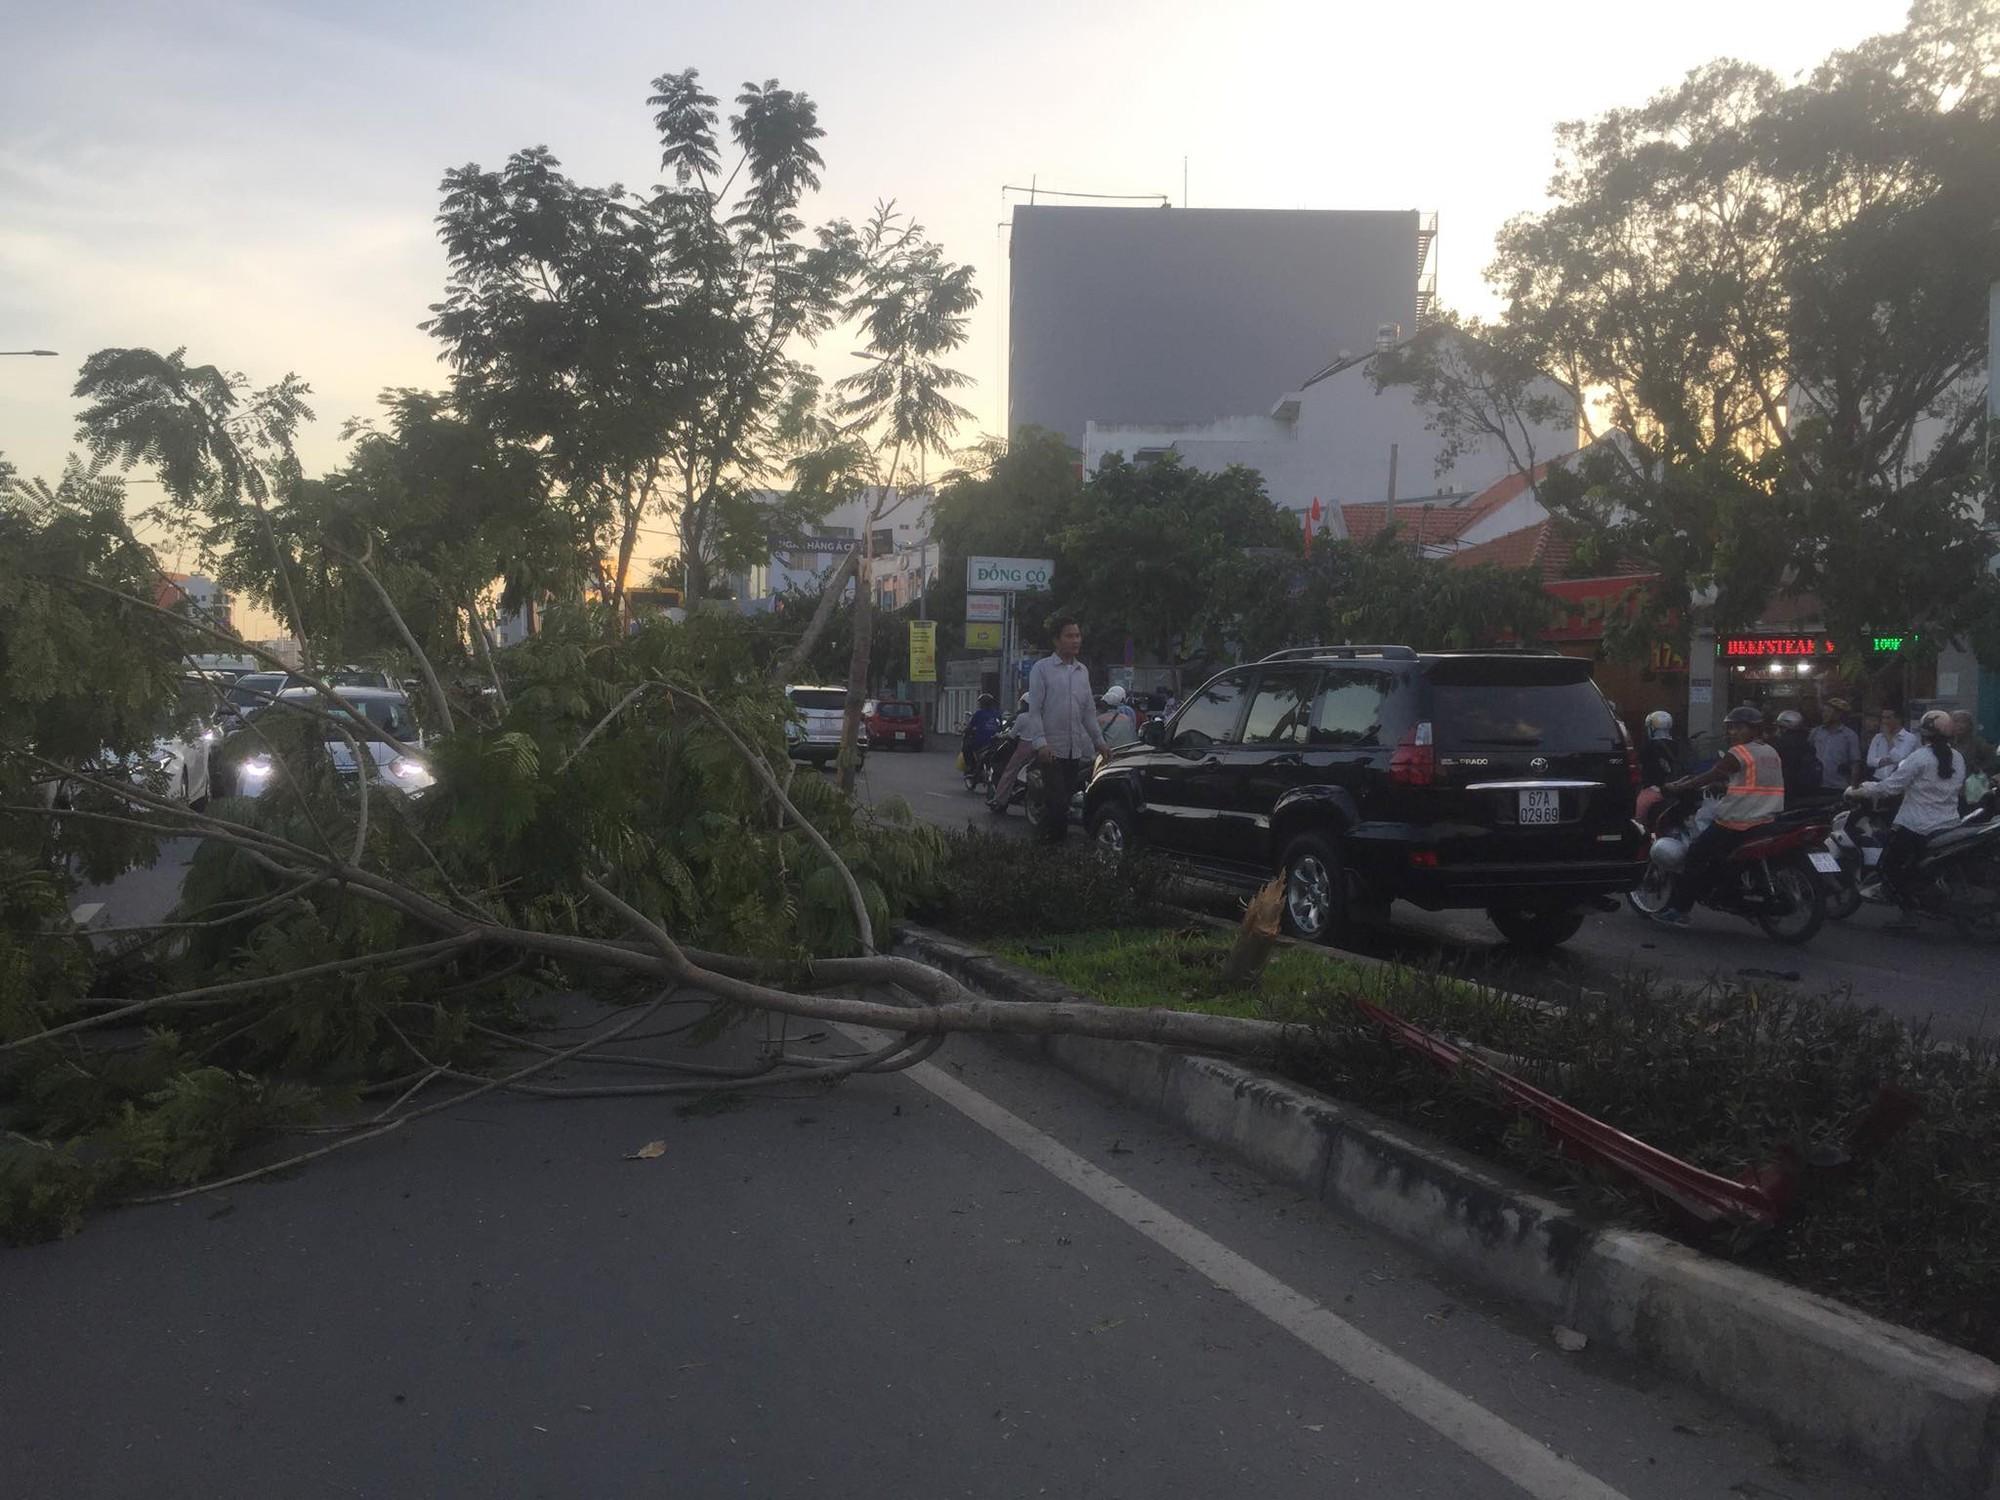 Ô tô BMW gây tai nạn liên hoàn trên đường phố Sài Gòn, những người trên xe rời khỏi hiện trường-1